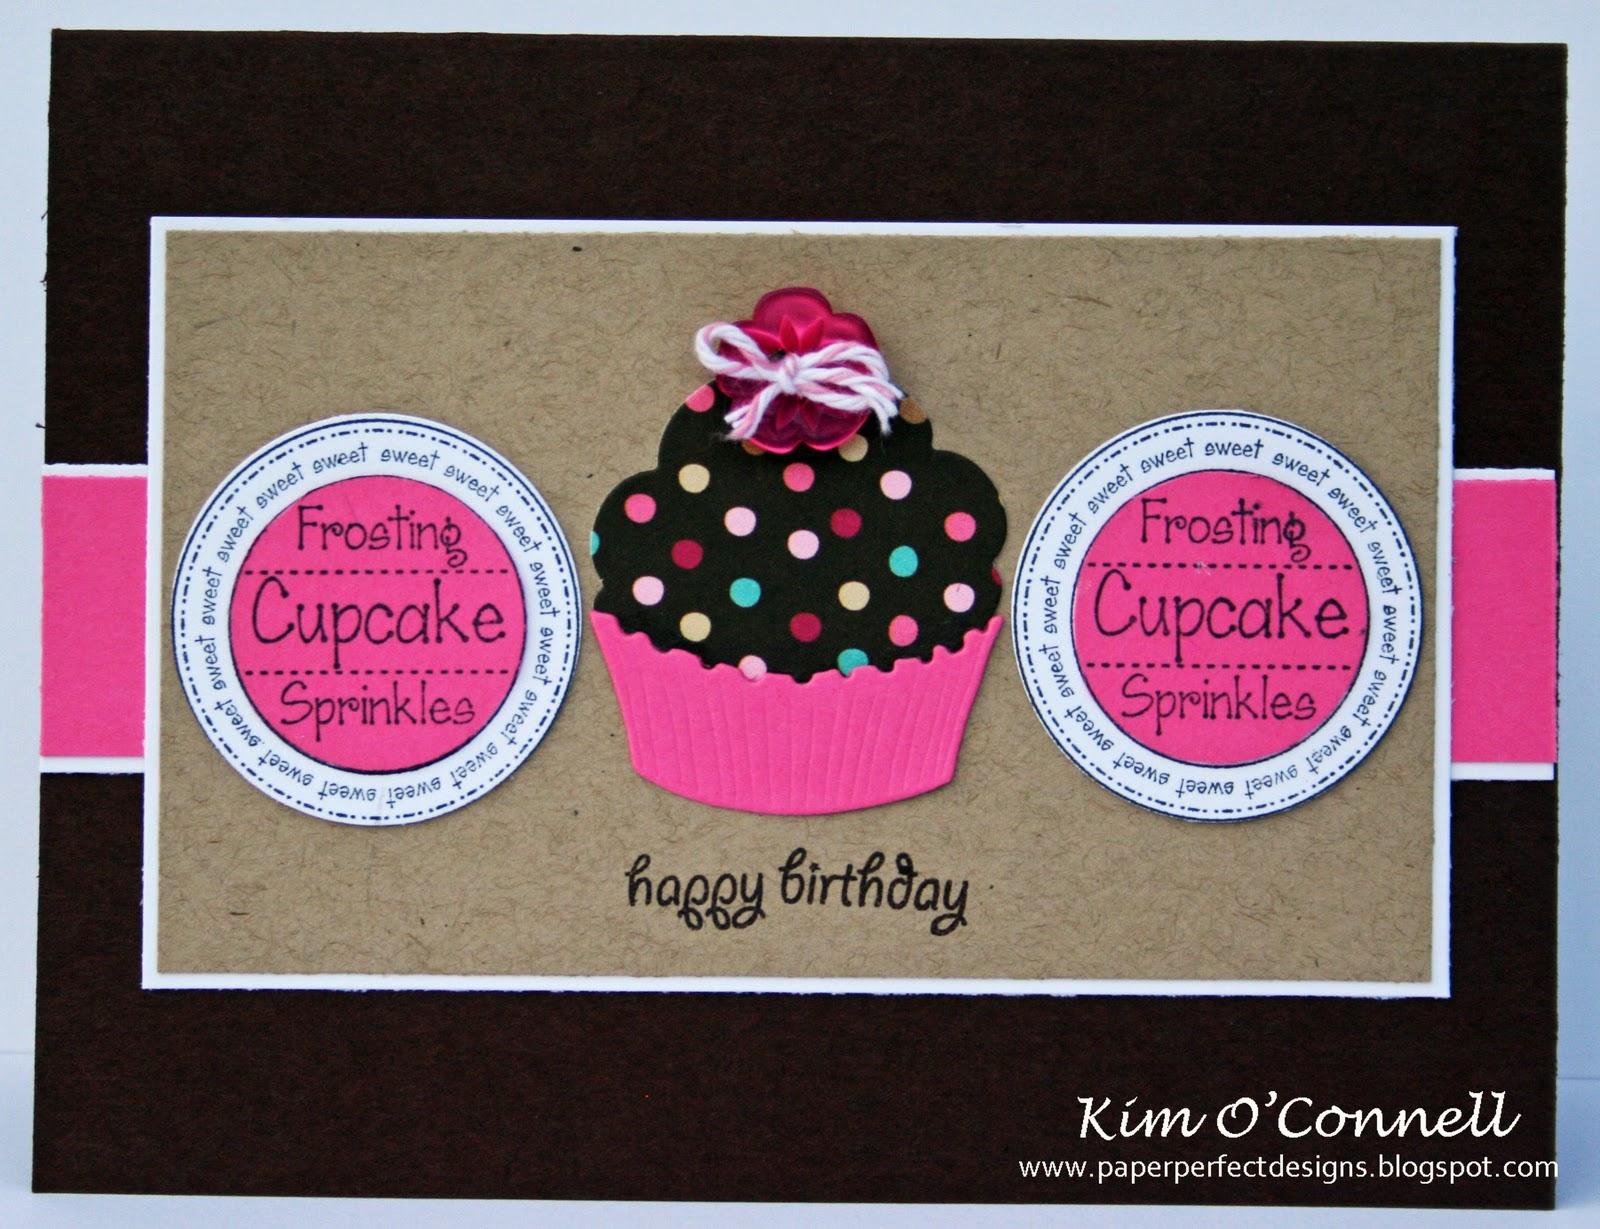 Creative Smiles FMS16 Happy Birthday Cupcake